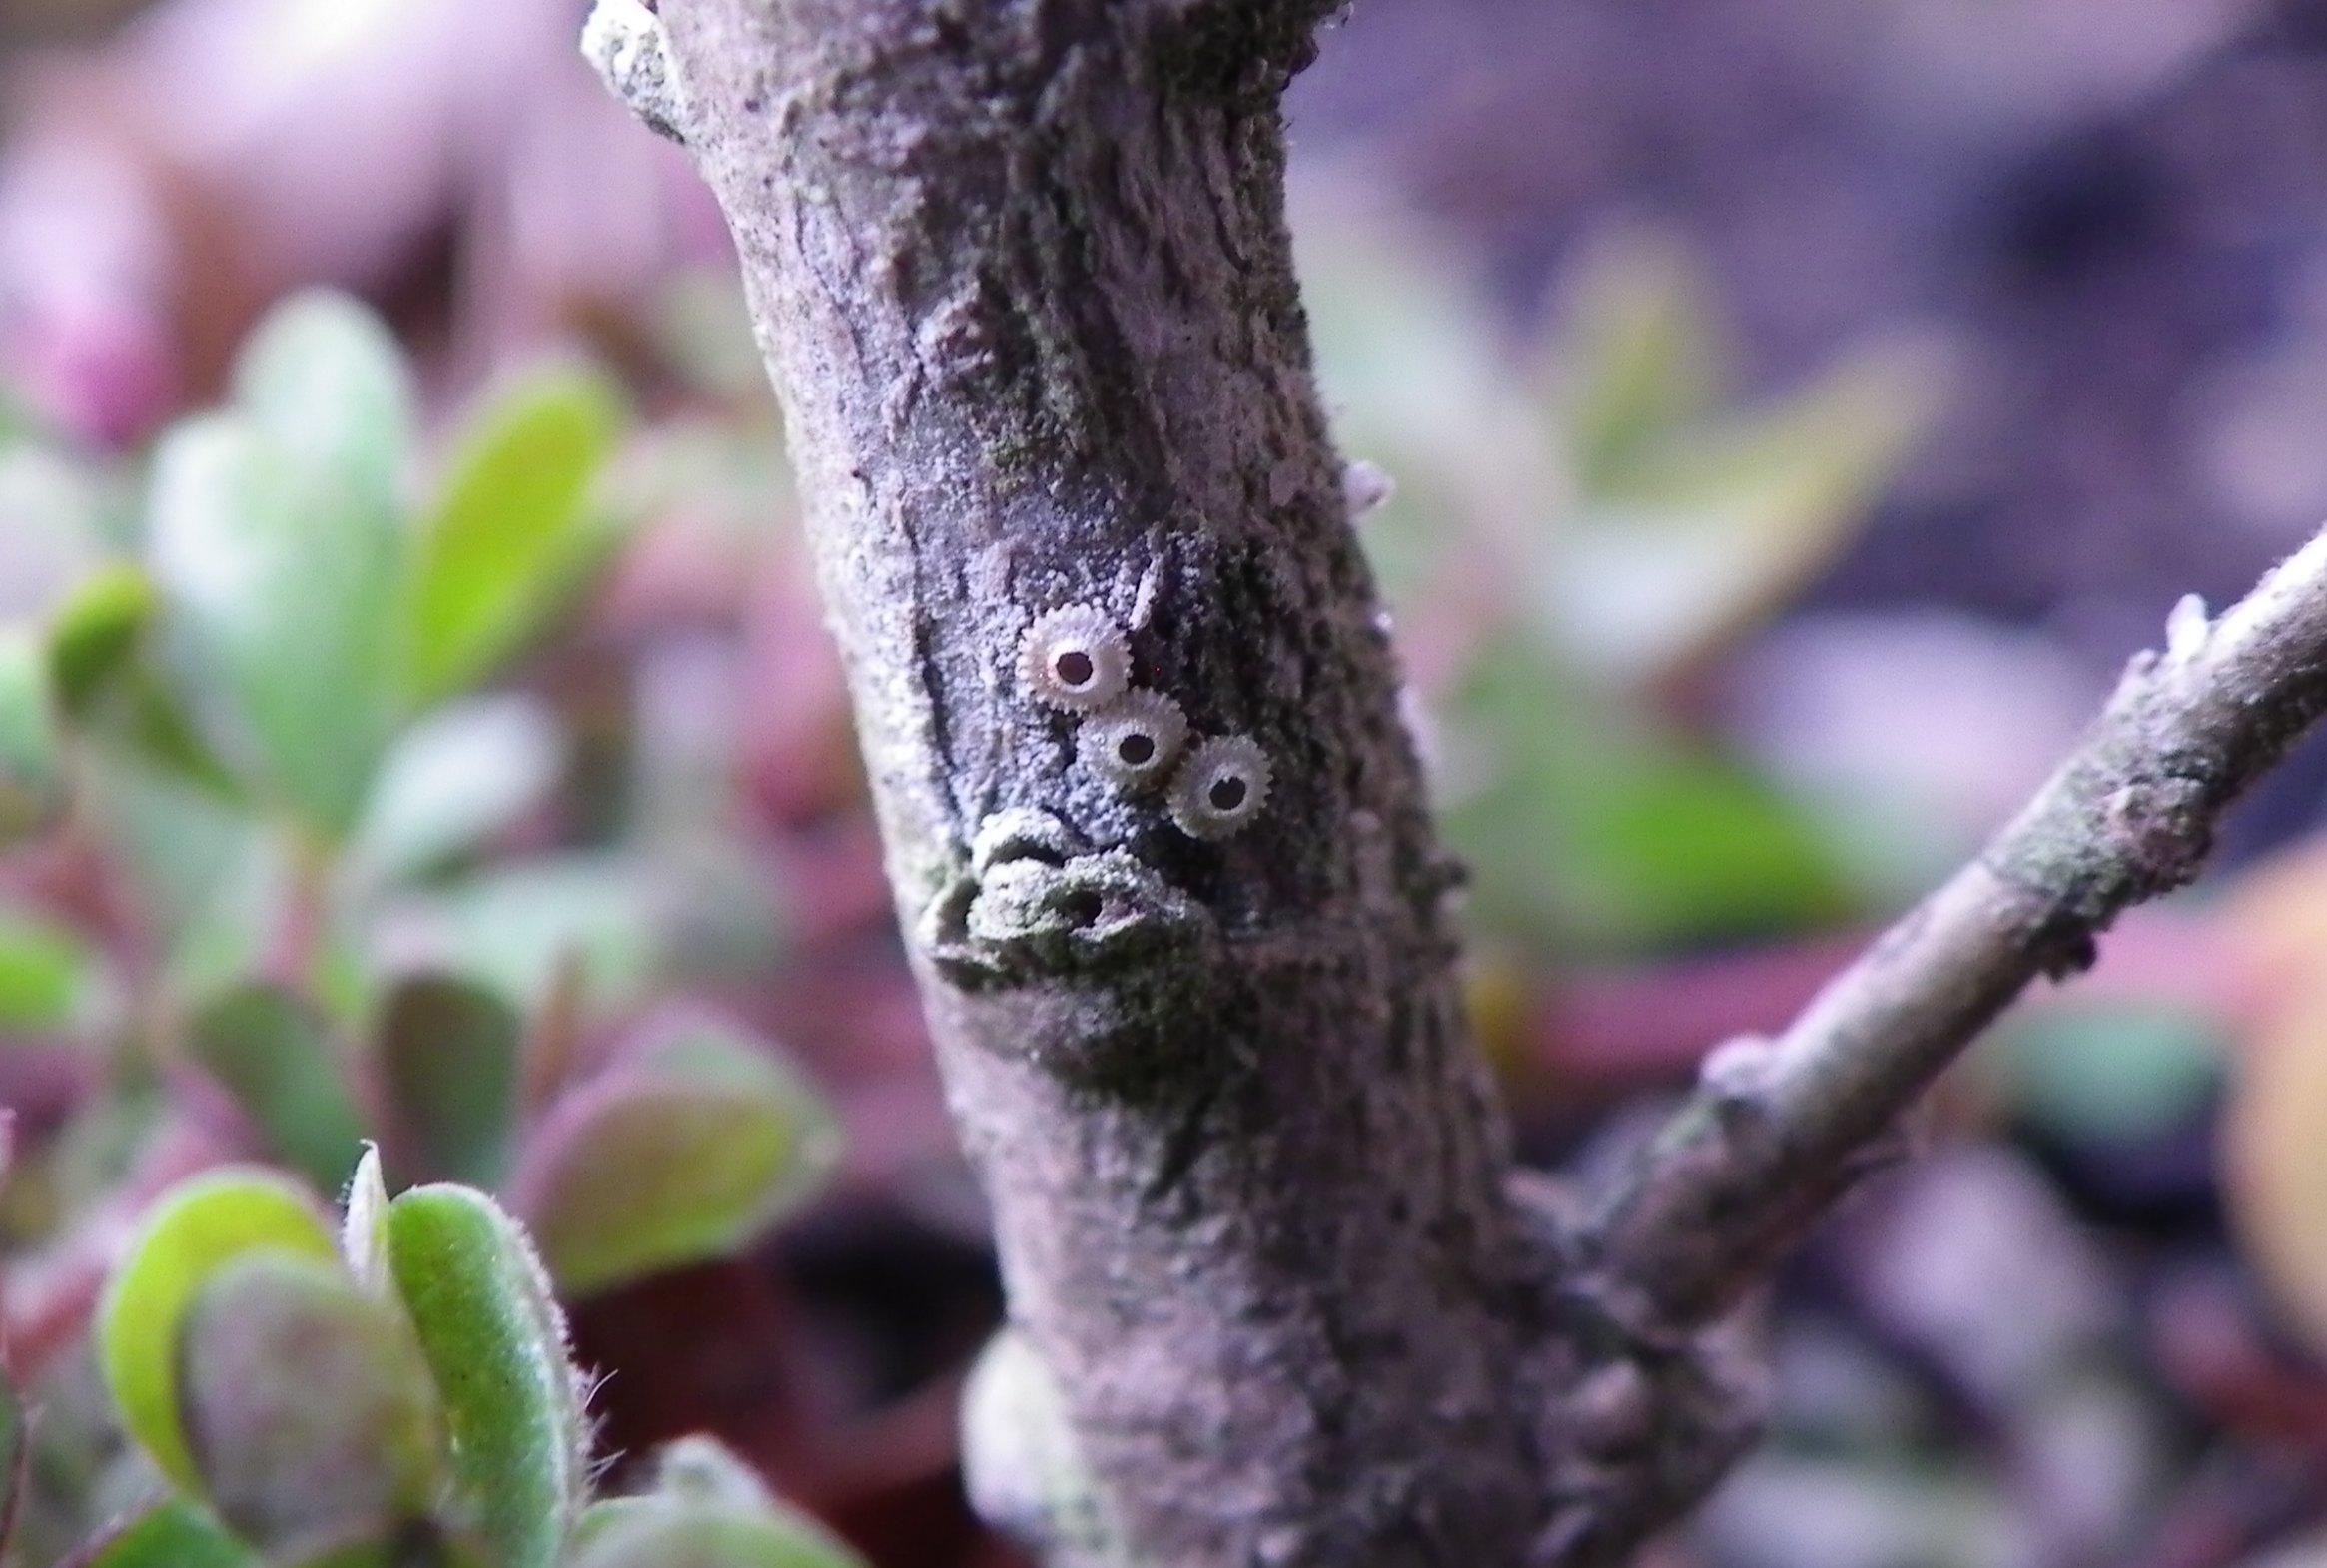 ウラゴマダラシジミ幼虫達  3月12日_d0254540_1944753.jpg